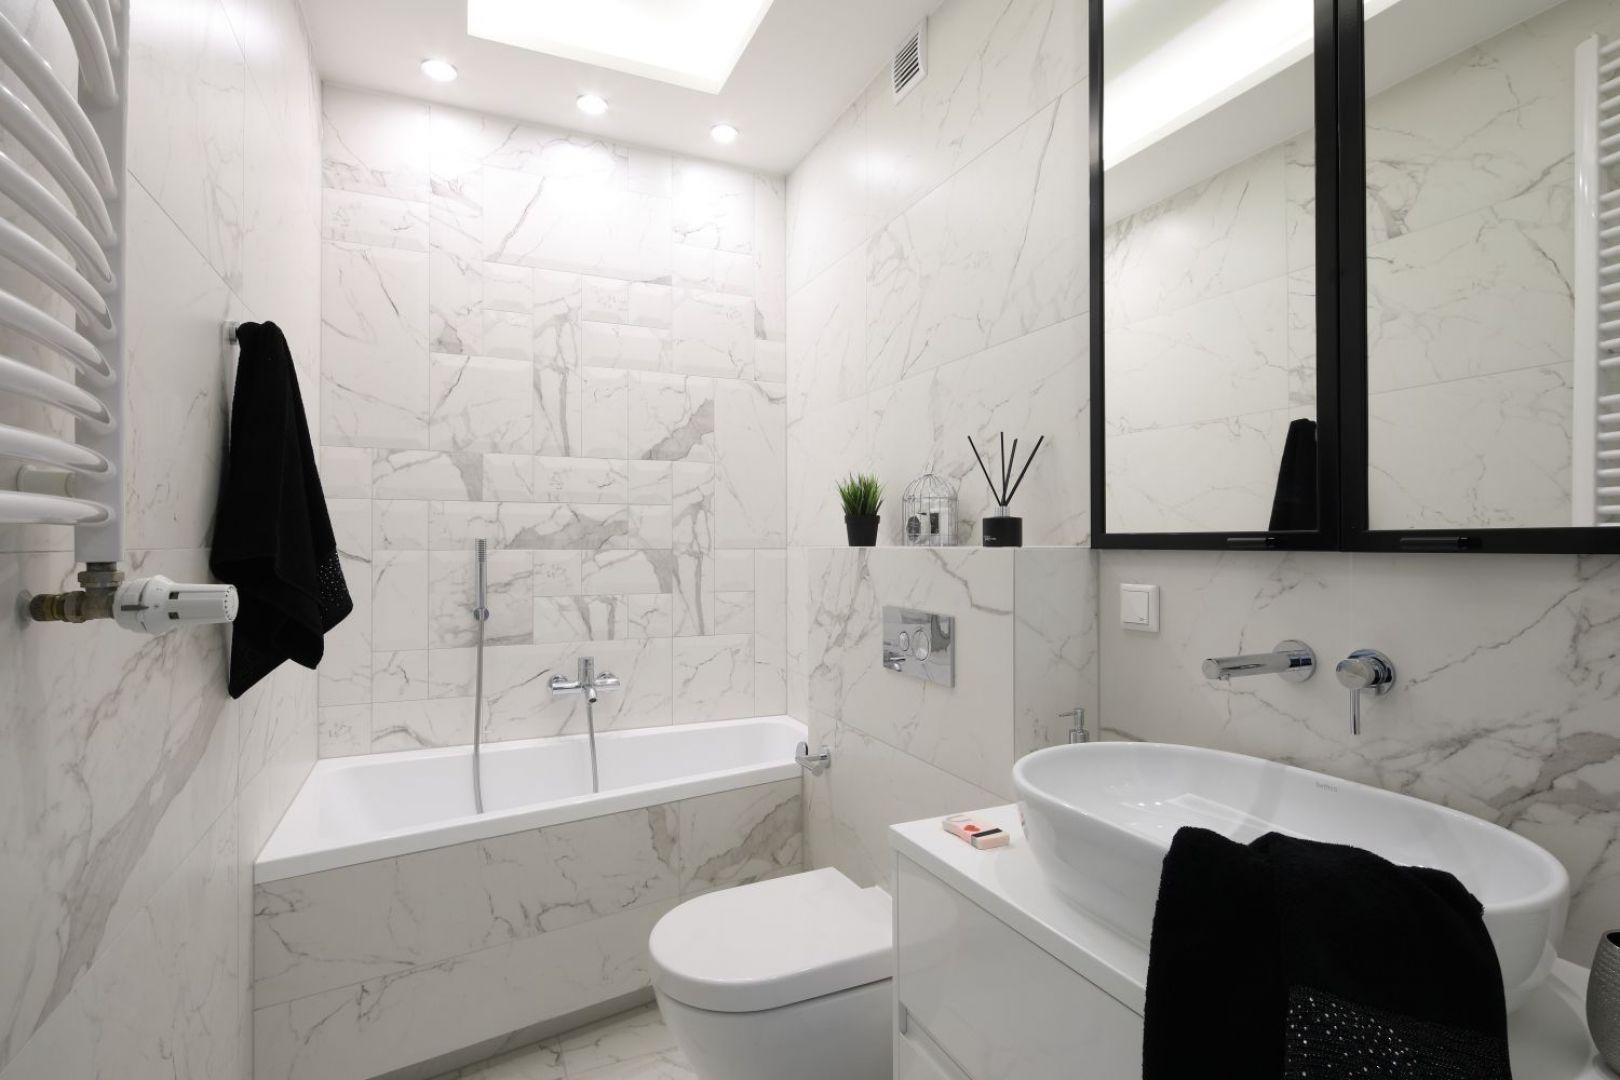 Pomysł na urządzenie białej łazienki. Projekt: Katarzyna Mikulska-Sękalska. Fot. Bartosz Jarosz